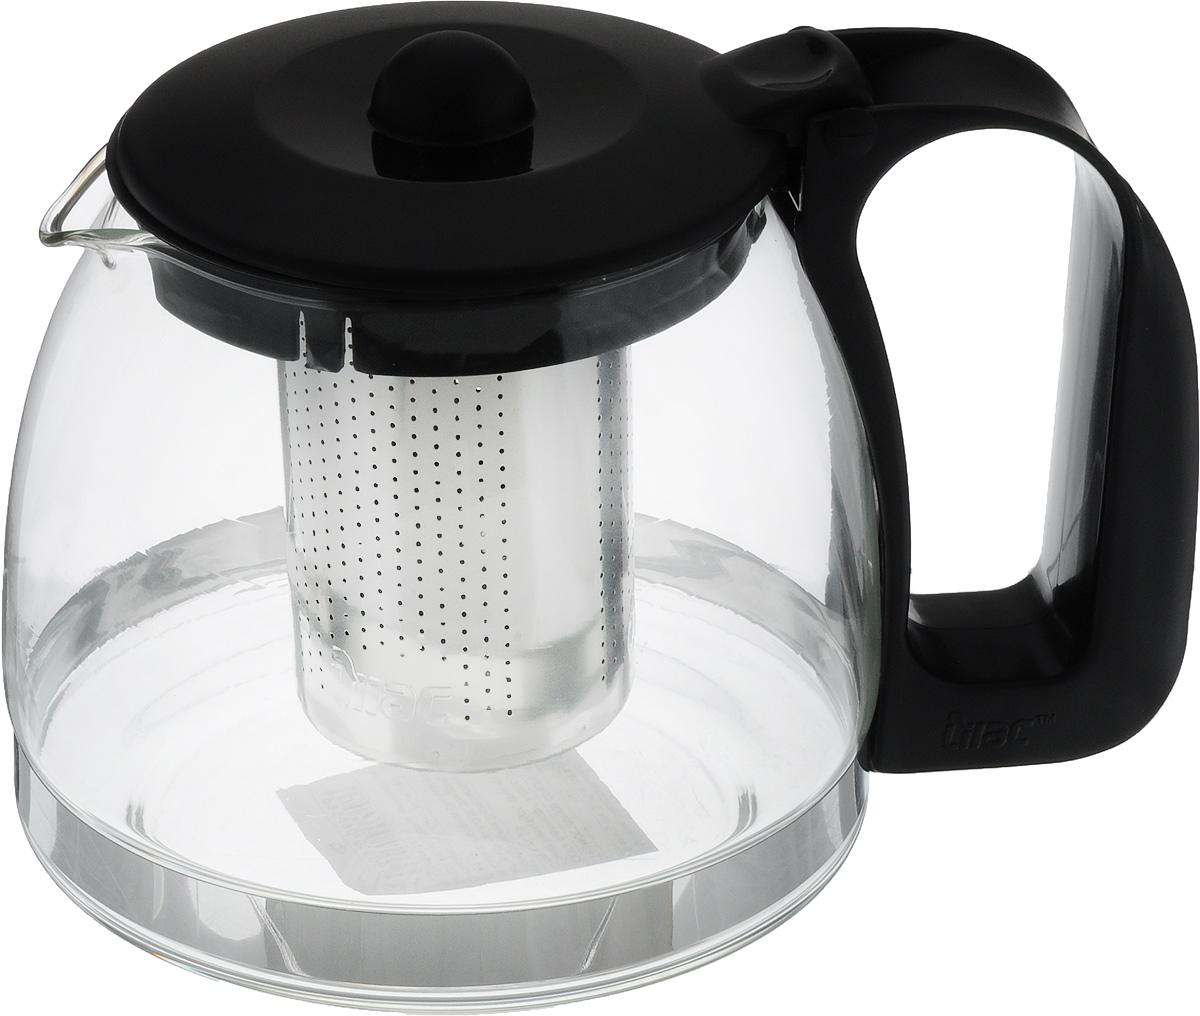 Чайник заварочный Appetite, с фильтром, 700 млS95-1Чайник заварочный Appetite имеет корпус из термостойкого стекла (до 100°С), ручка и крышка изготовлены из пластика, а ситечко - из металла. Изделие отлично подходит для заваривания чая и травяных настоев. Прозрачные стенки позволяют видеть степень заварки. Изделие практично, обладает элегантным дизайном, его удобно использовать. Не использовать в посудомоечной машине и СВЧ. Диаметр основания: 11 см. Высота чайника: 11 см. Диаметр (по верхнему краю): 8 см.